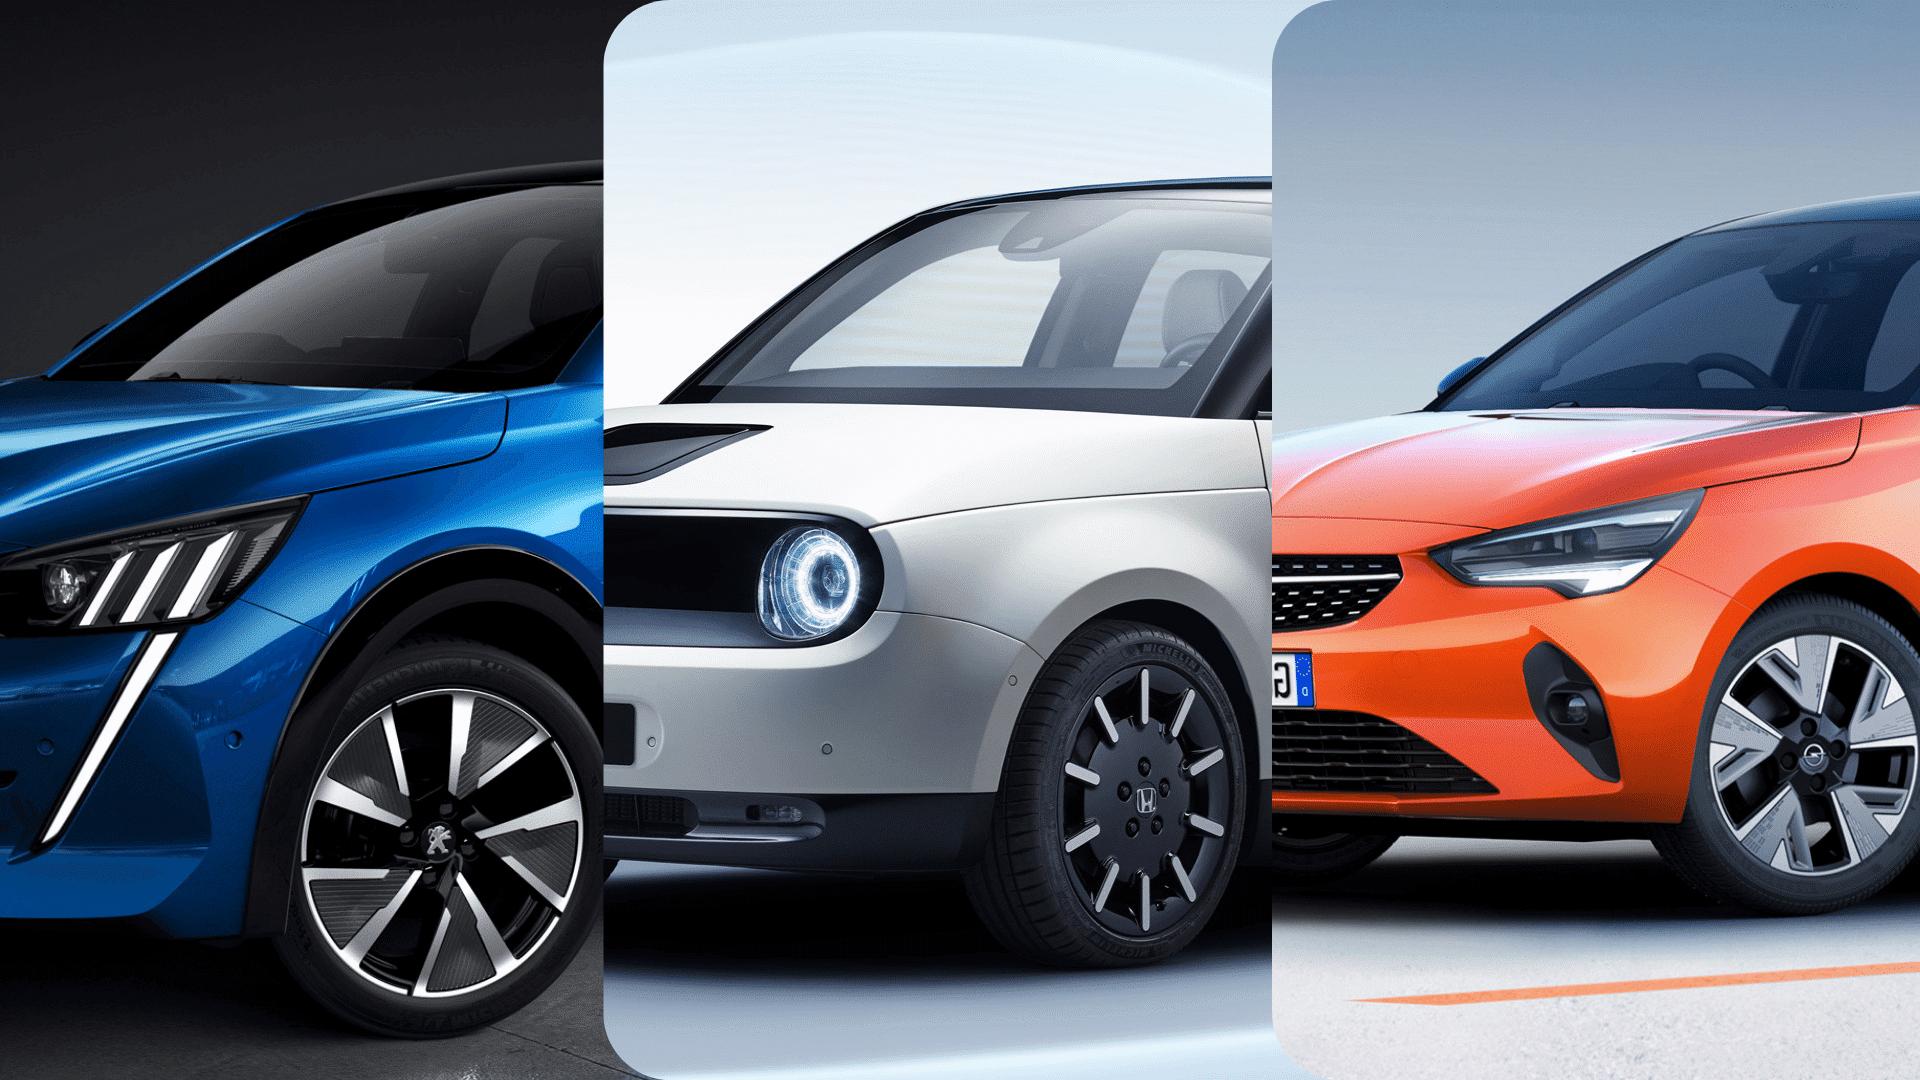 Actualité undefined - Photo d'illustration Comparatif de 3 électriques : Peugeot e-208 vs Opel Corsa-e vs Honda e